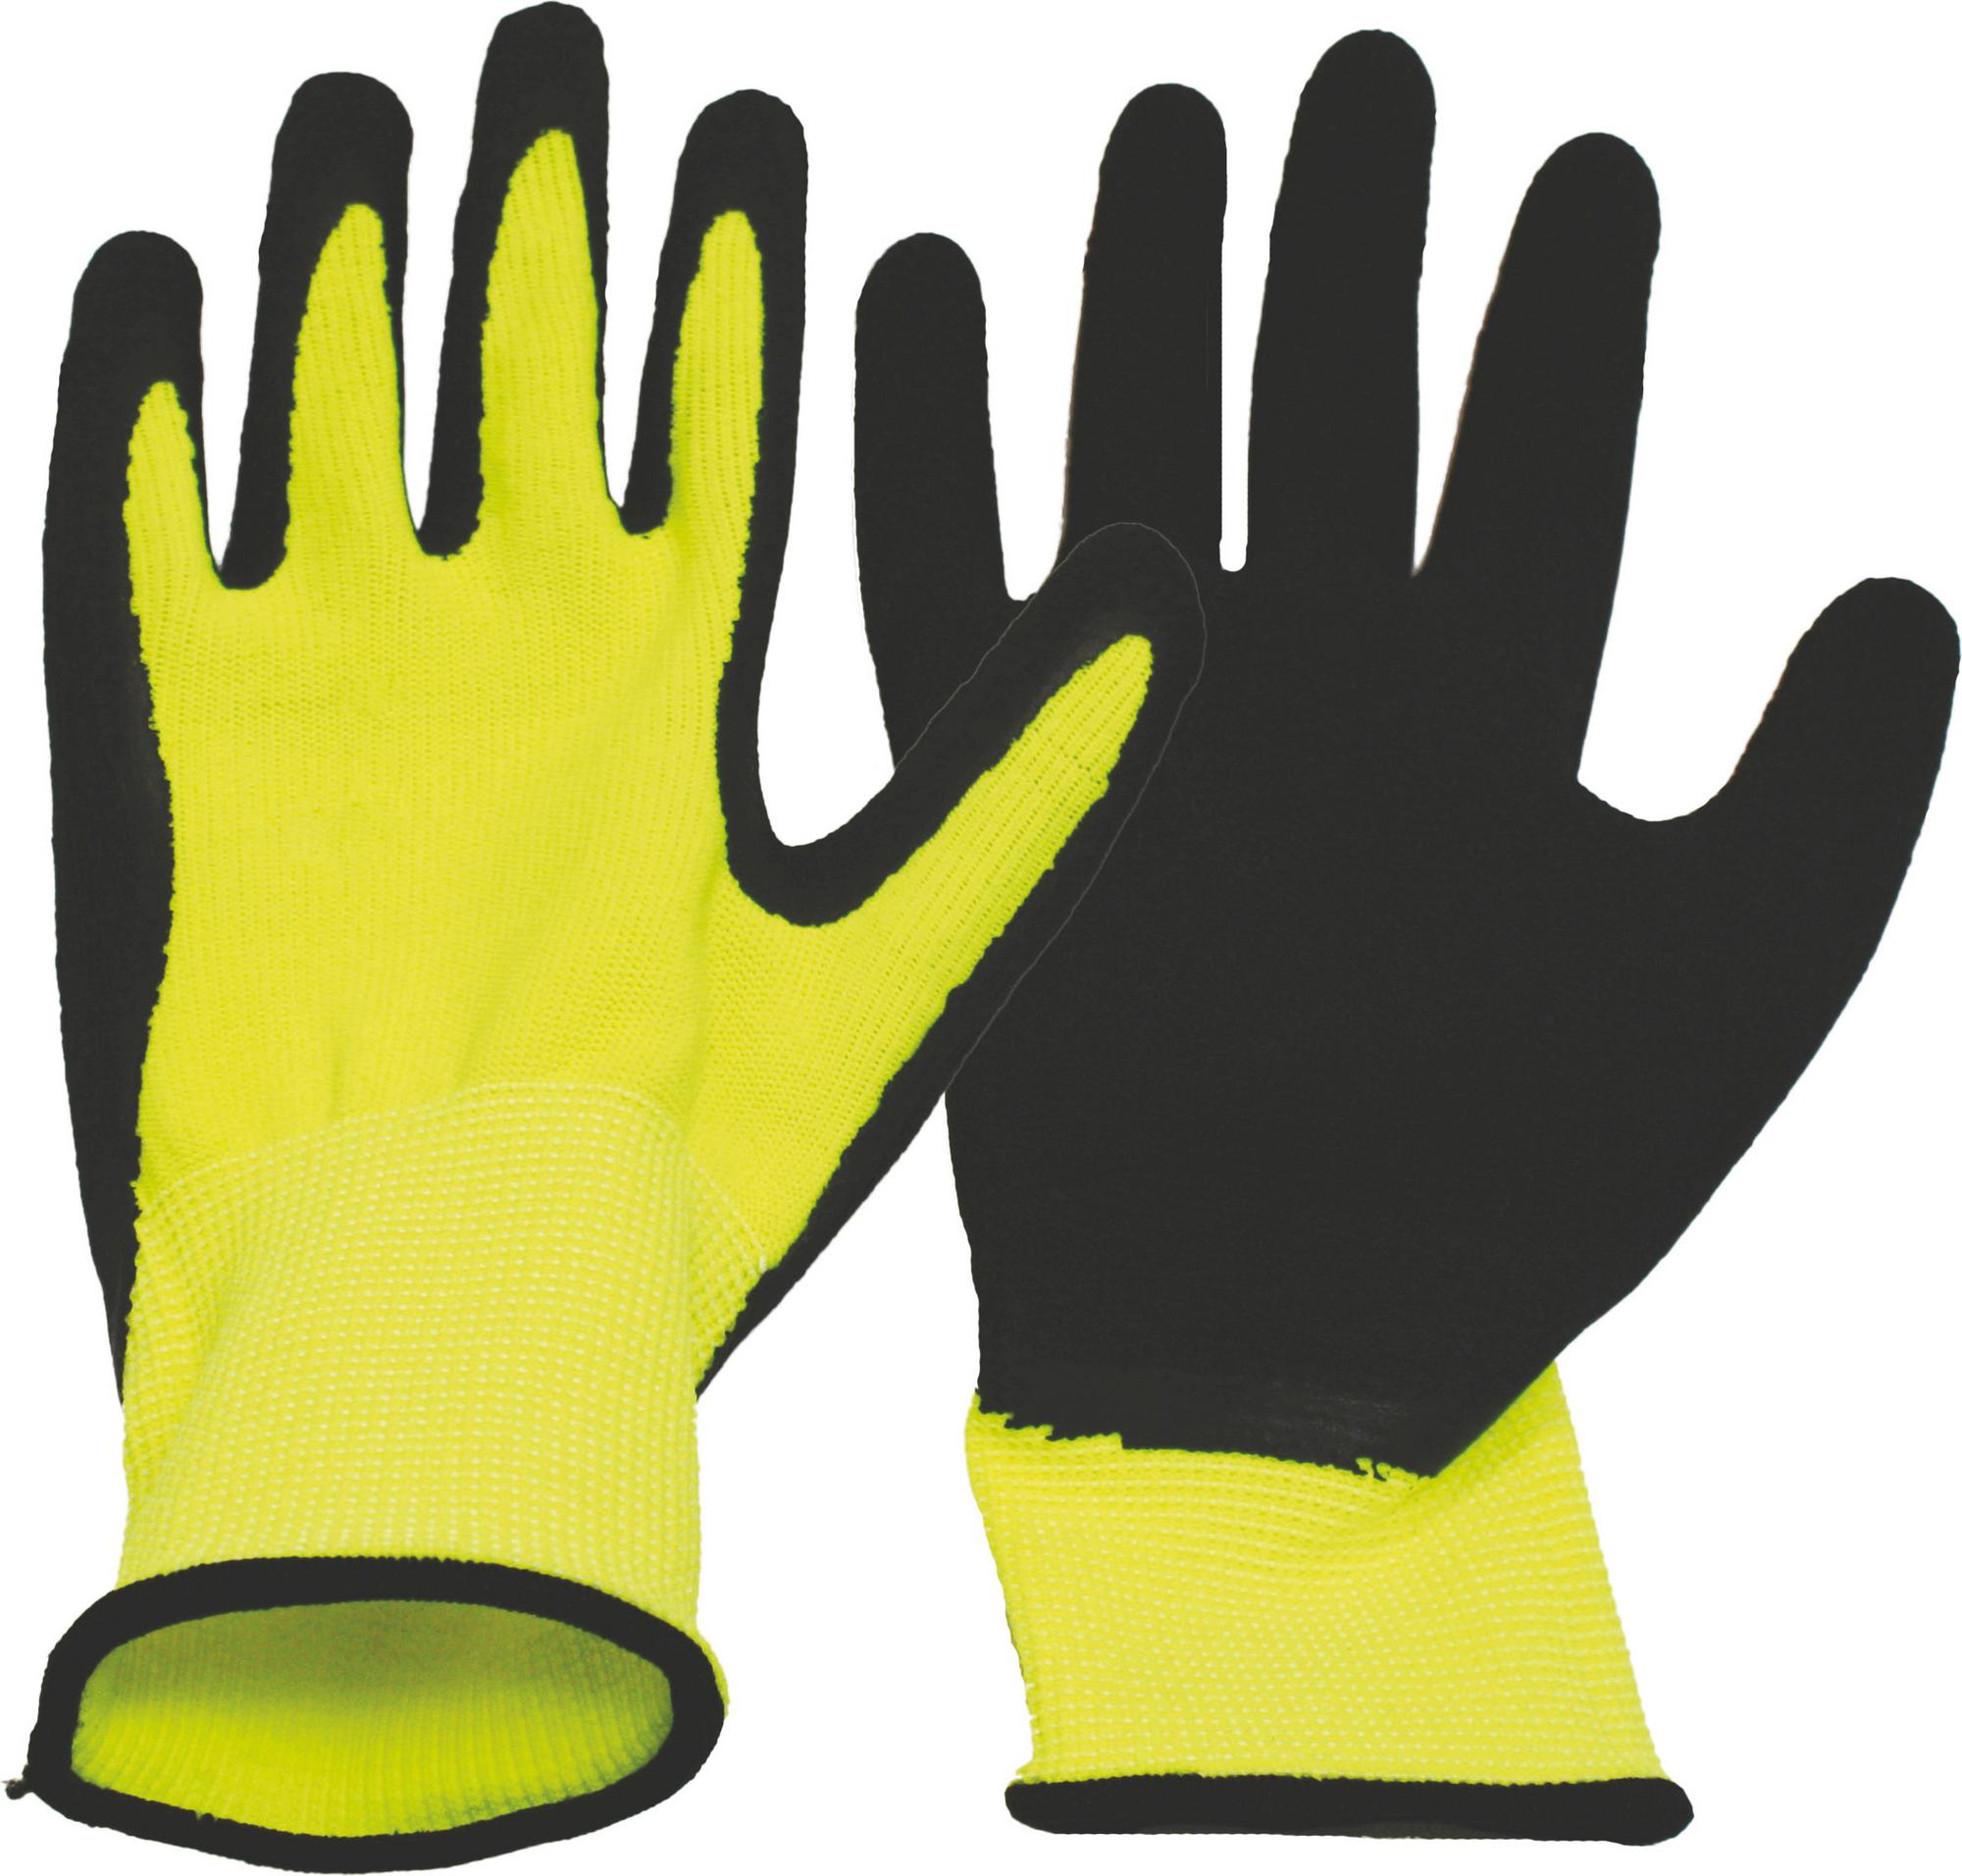 V2 Felxigrip High-Vis Latex Palm Gloves For Men